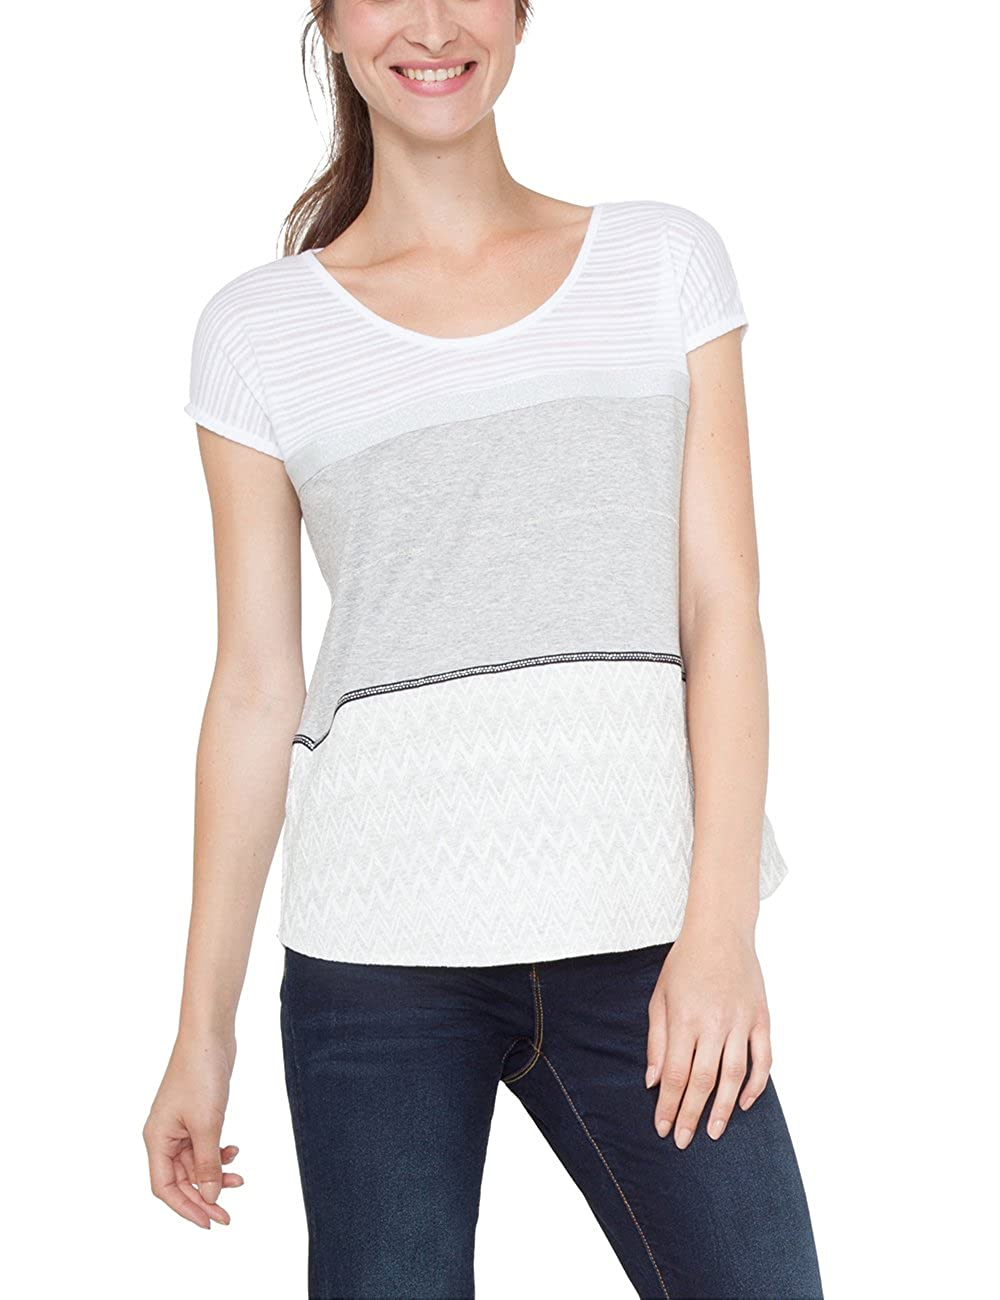 es Amazon Desigual Accesorios Ts Camiseta Mujer mire Y Ropa Para qCXYq